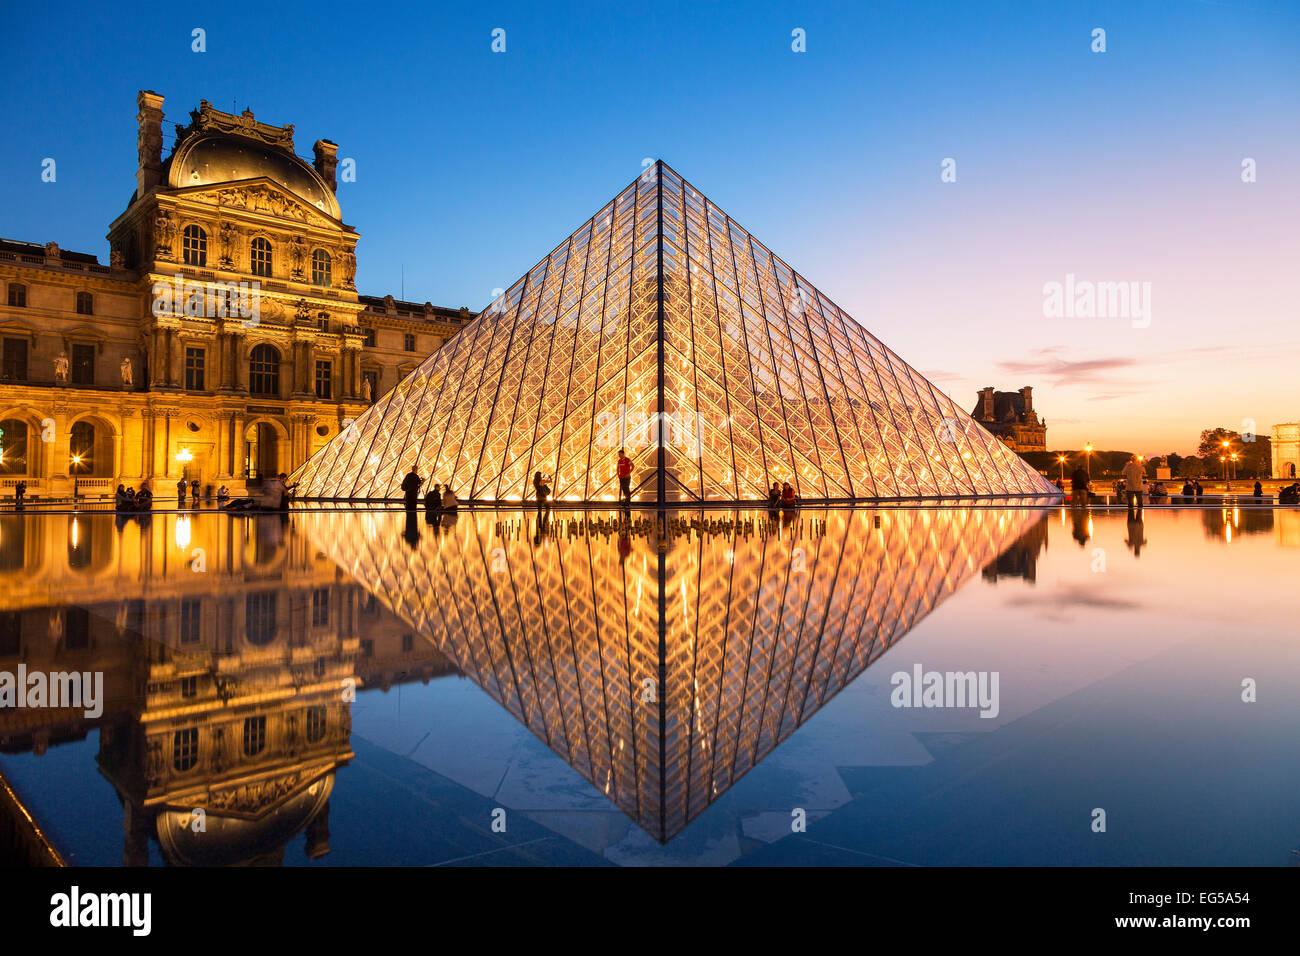 Paris, la pyramide du Louvre au crépuscule Photo Stock